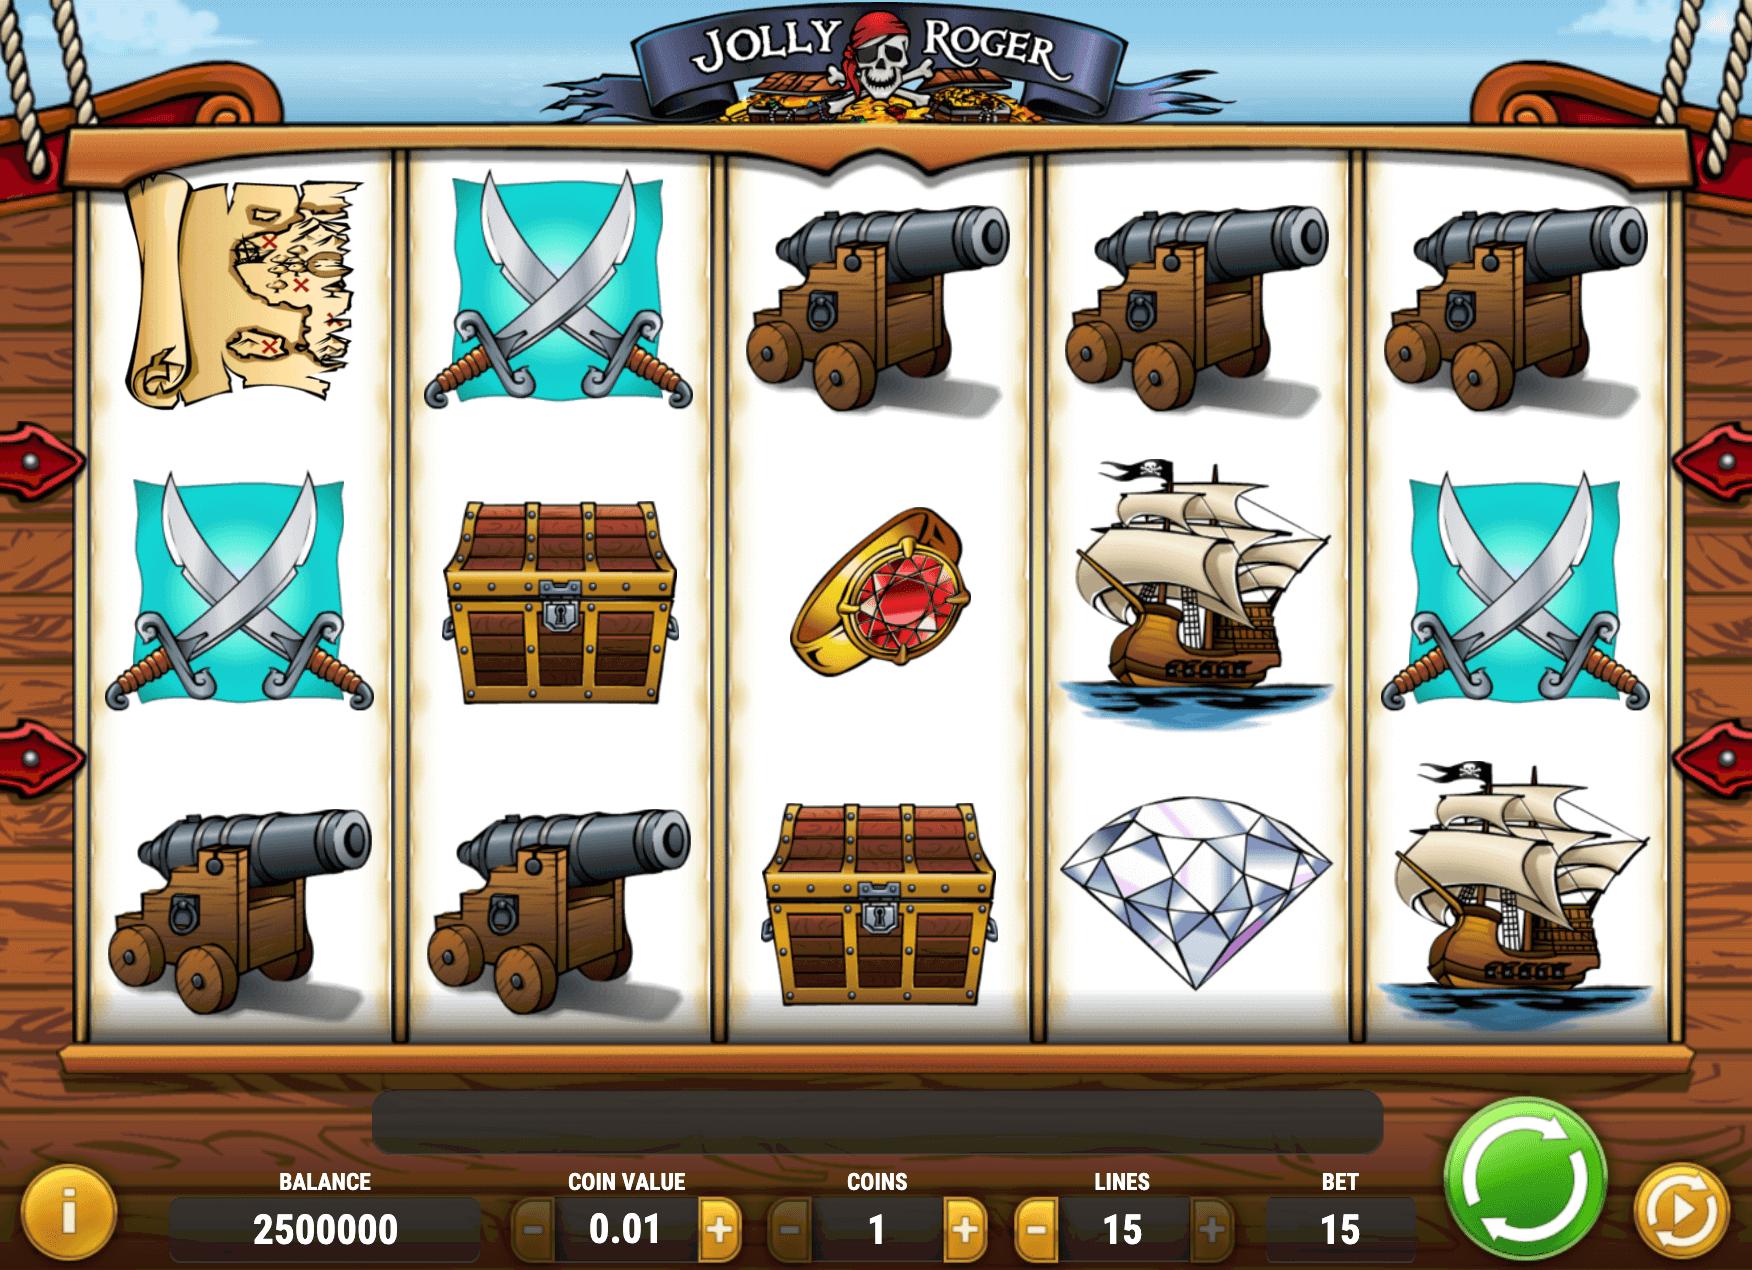 Jolly Roger Online Slot